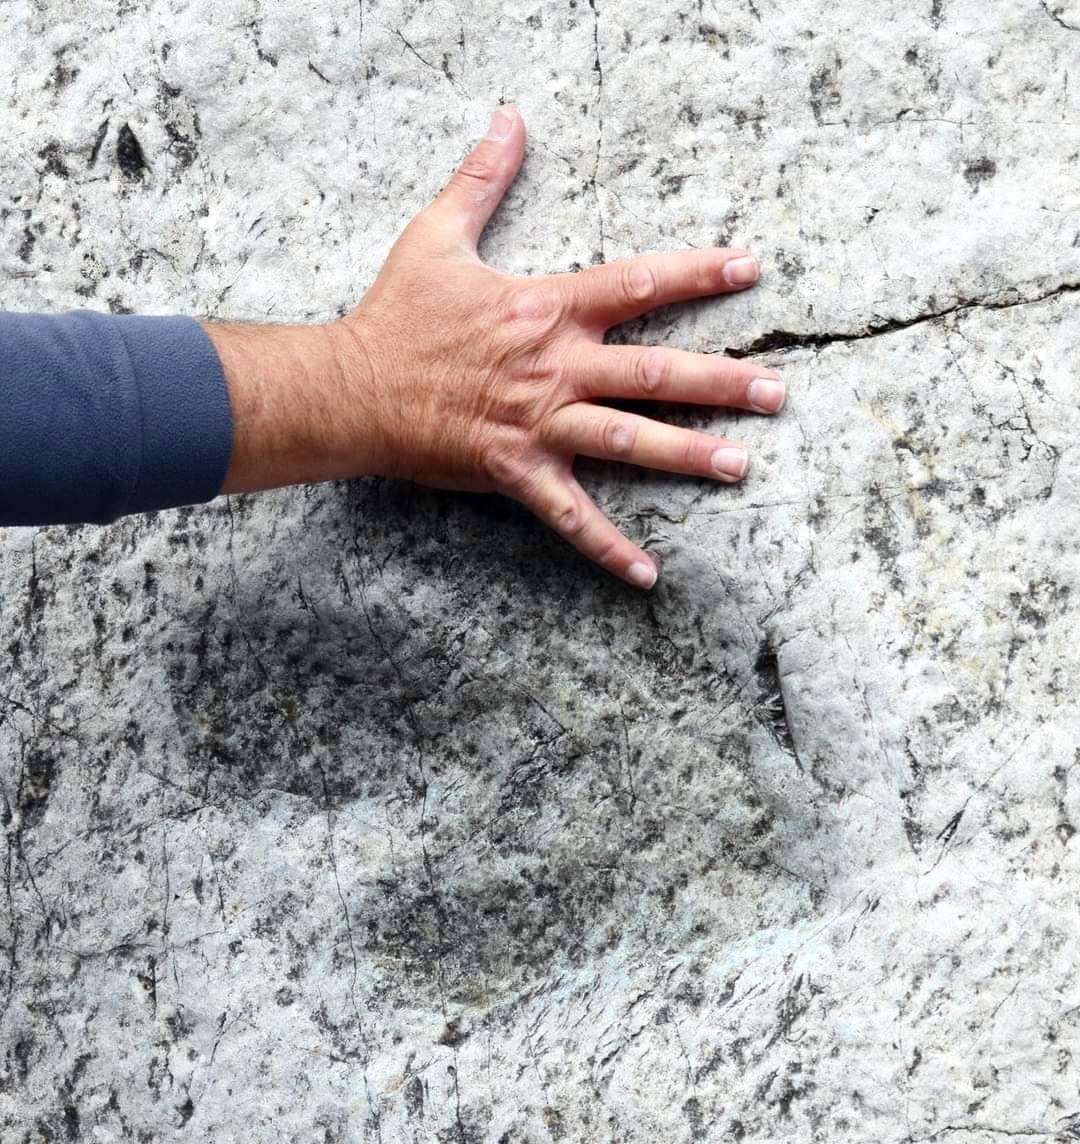 Le impronte fossili di dinosauro - Casavento - Cla...